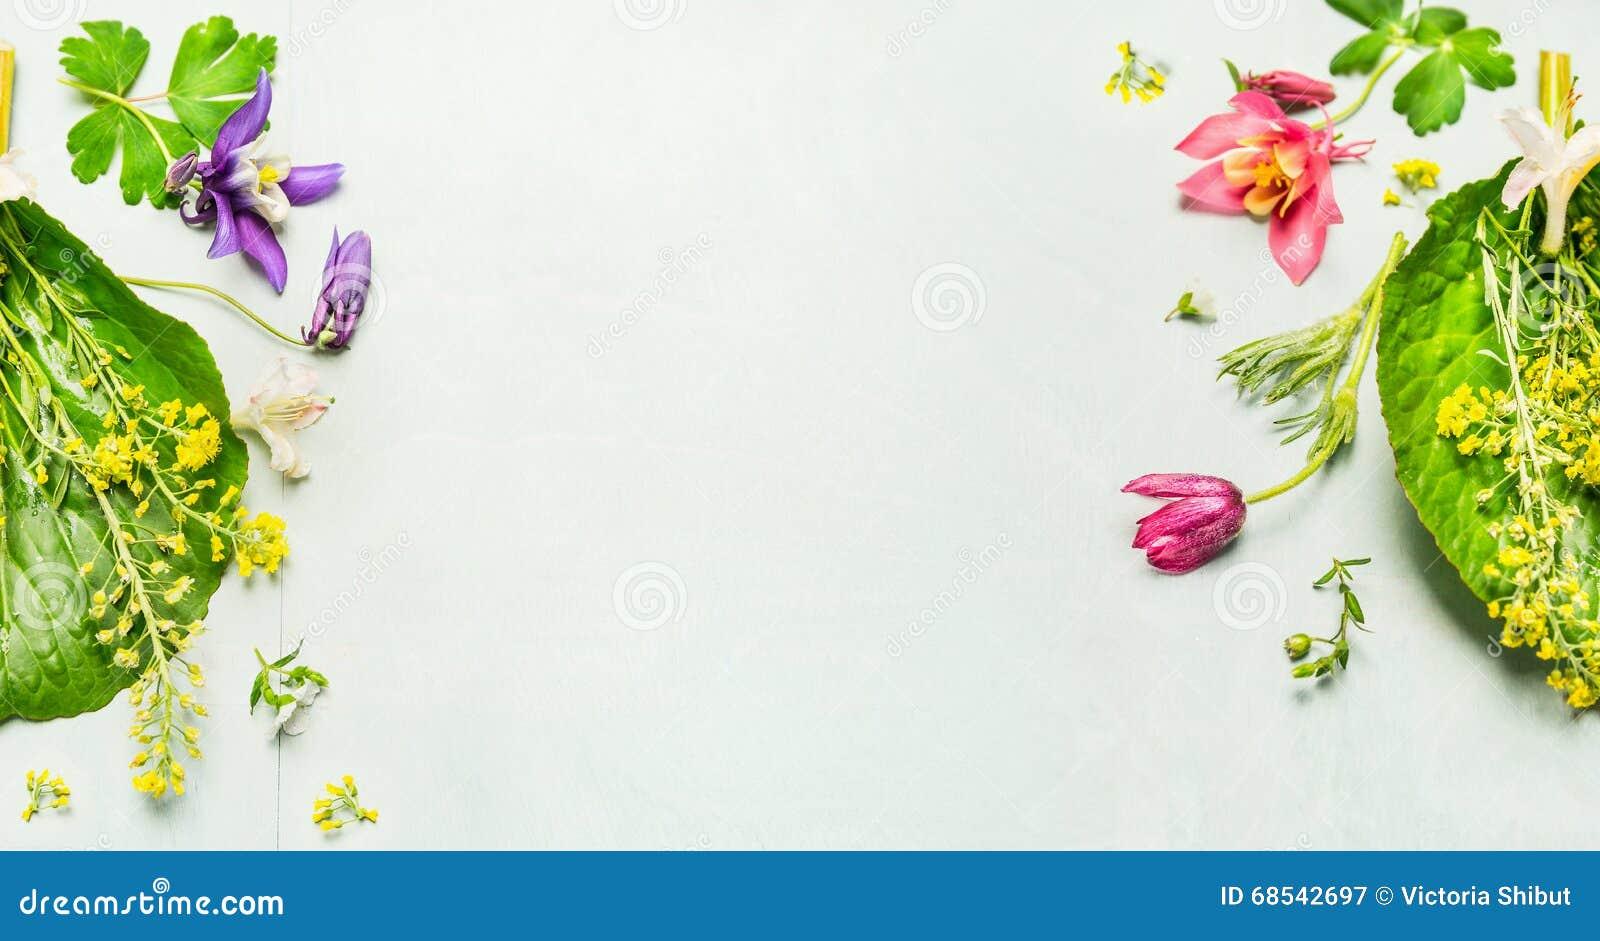 Kräuterhintergrund mit Sommer- oder Frühlingsgartenblumen und Anlage, Rahmen